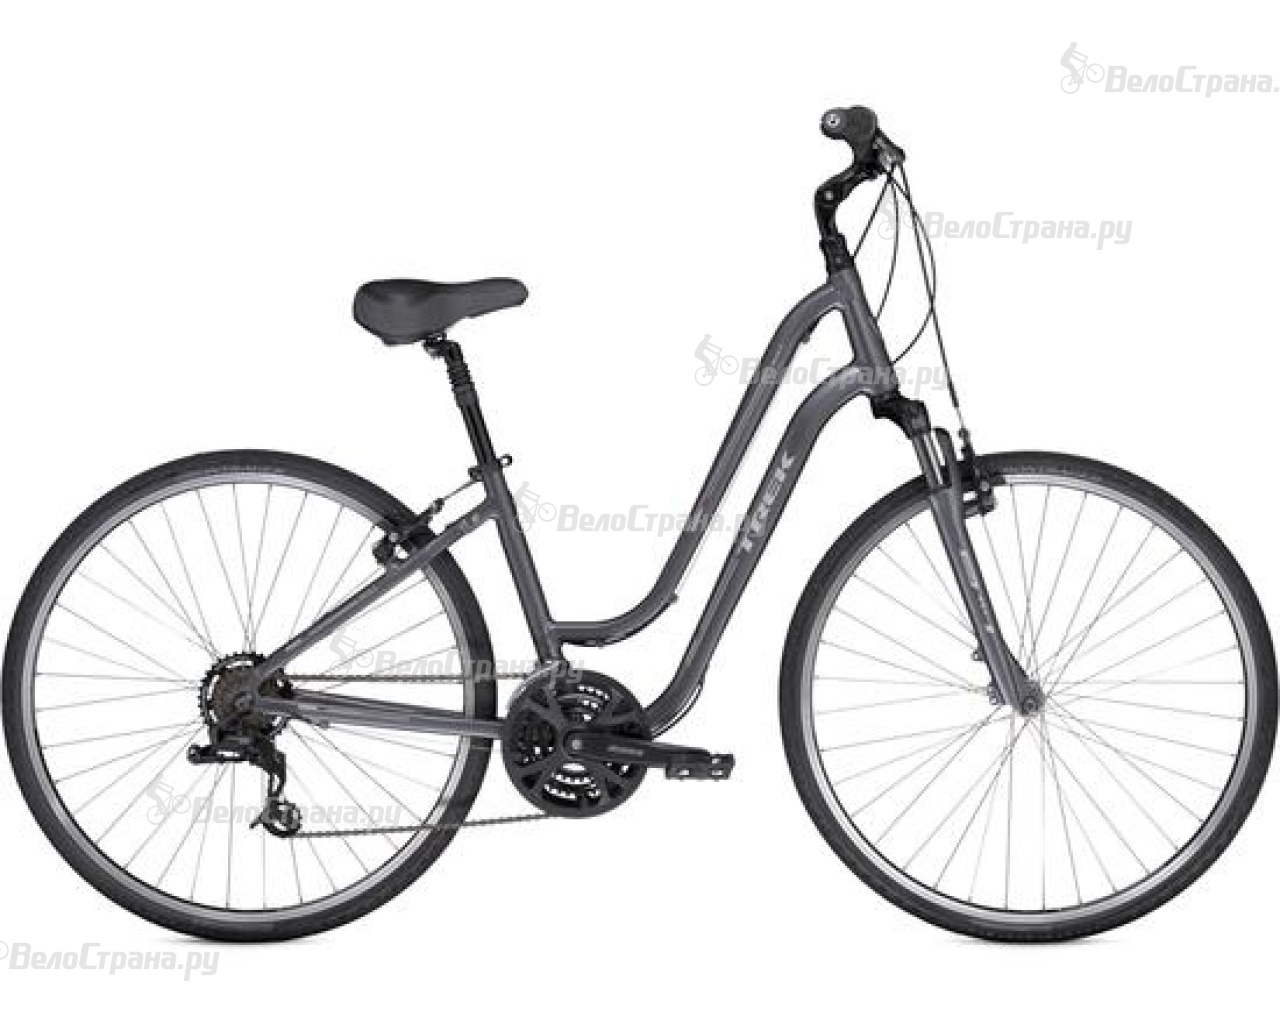 Велосипед Trek Verve 2 WSD (2013) велосипед trek verve 3 wsd 2017